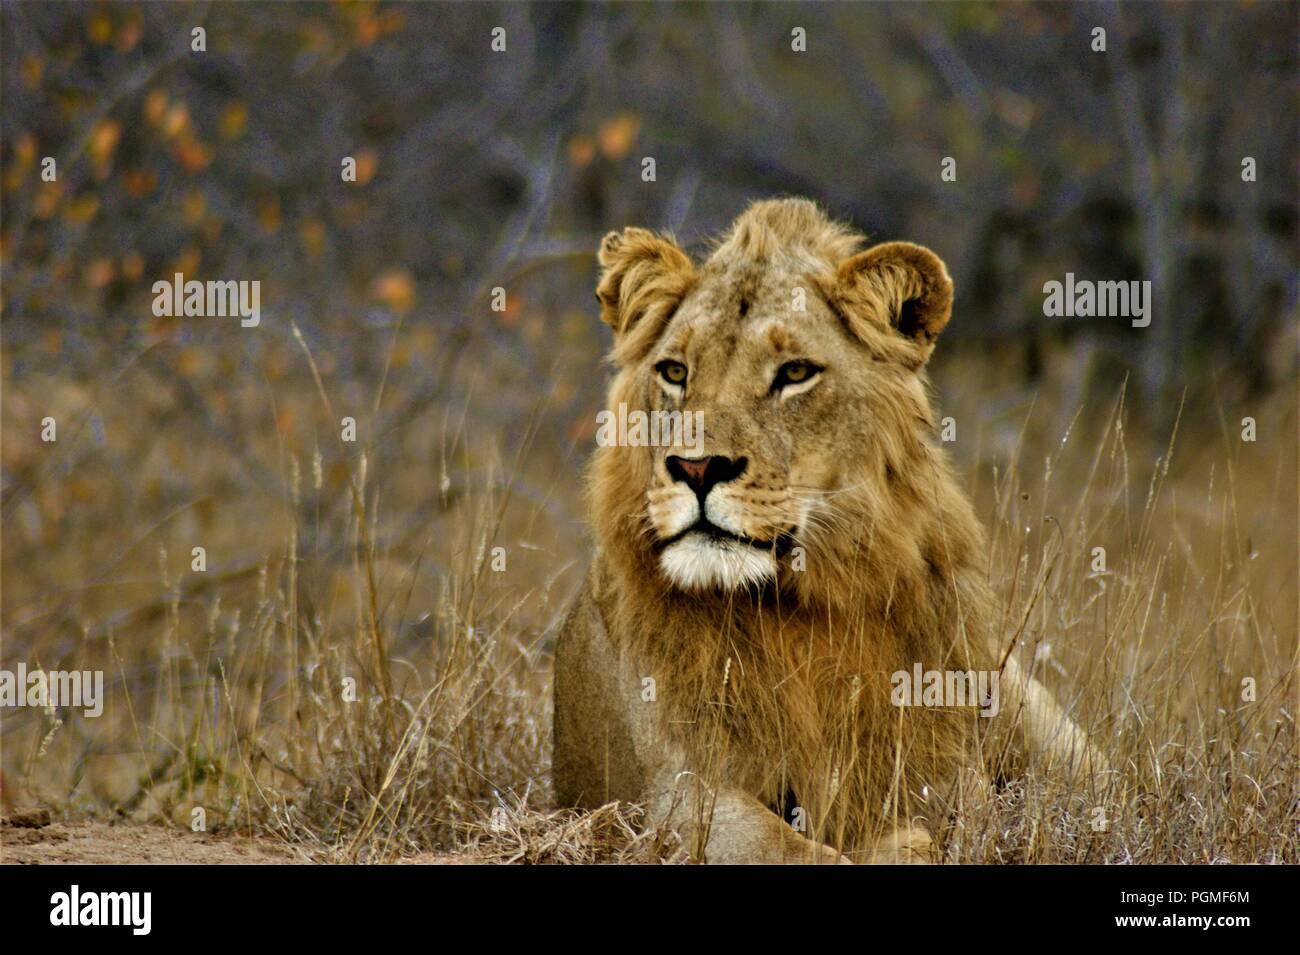 juvenile Lion laying down - Stock Image